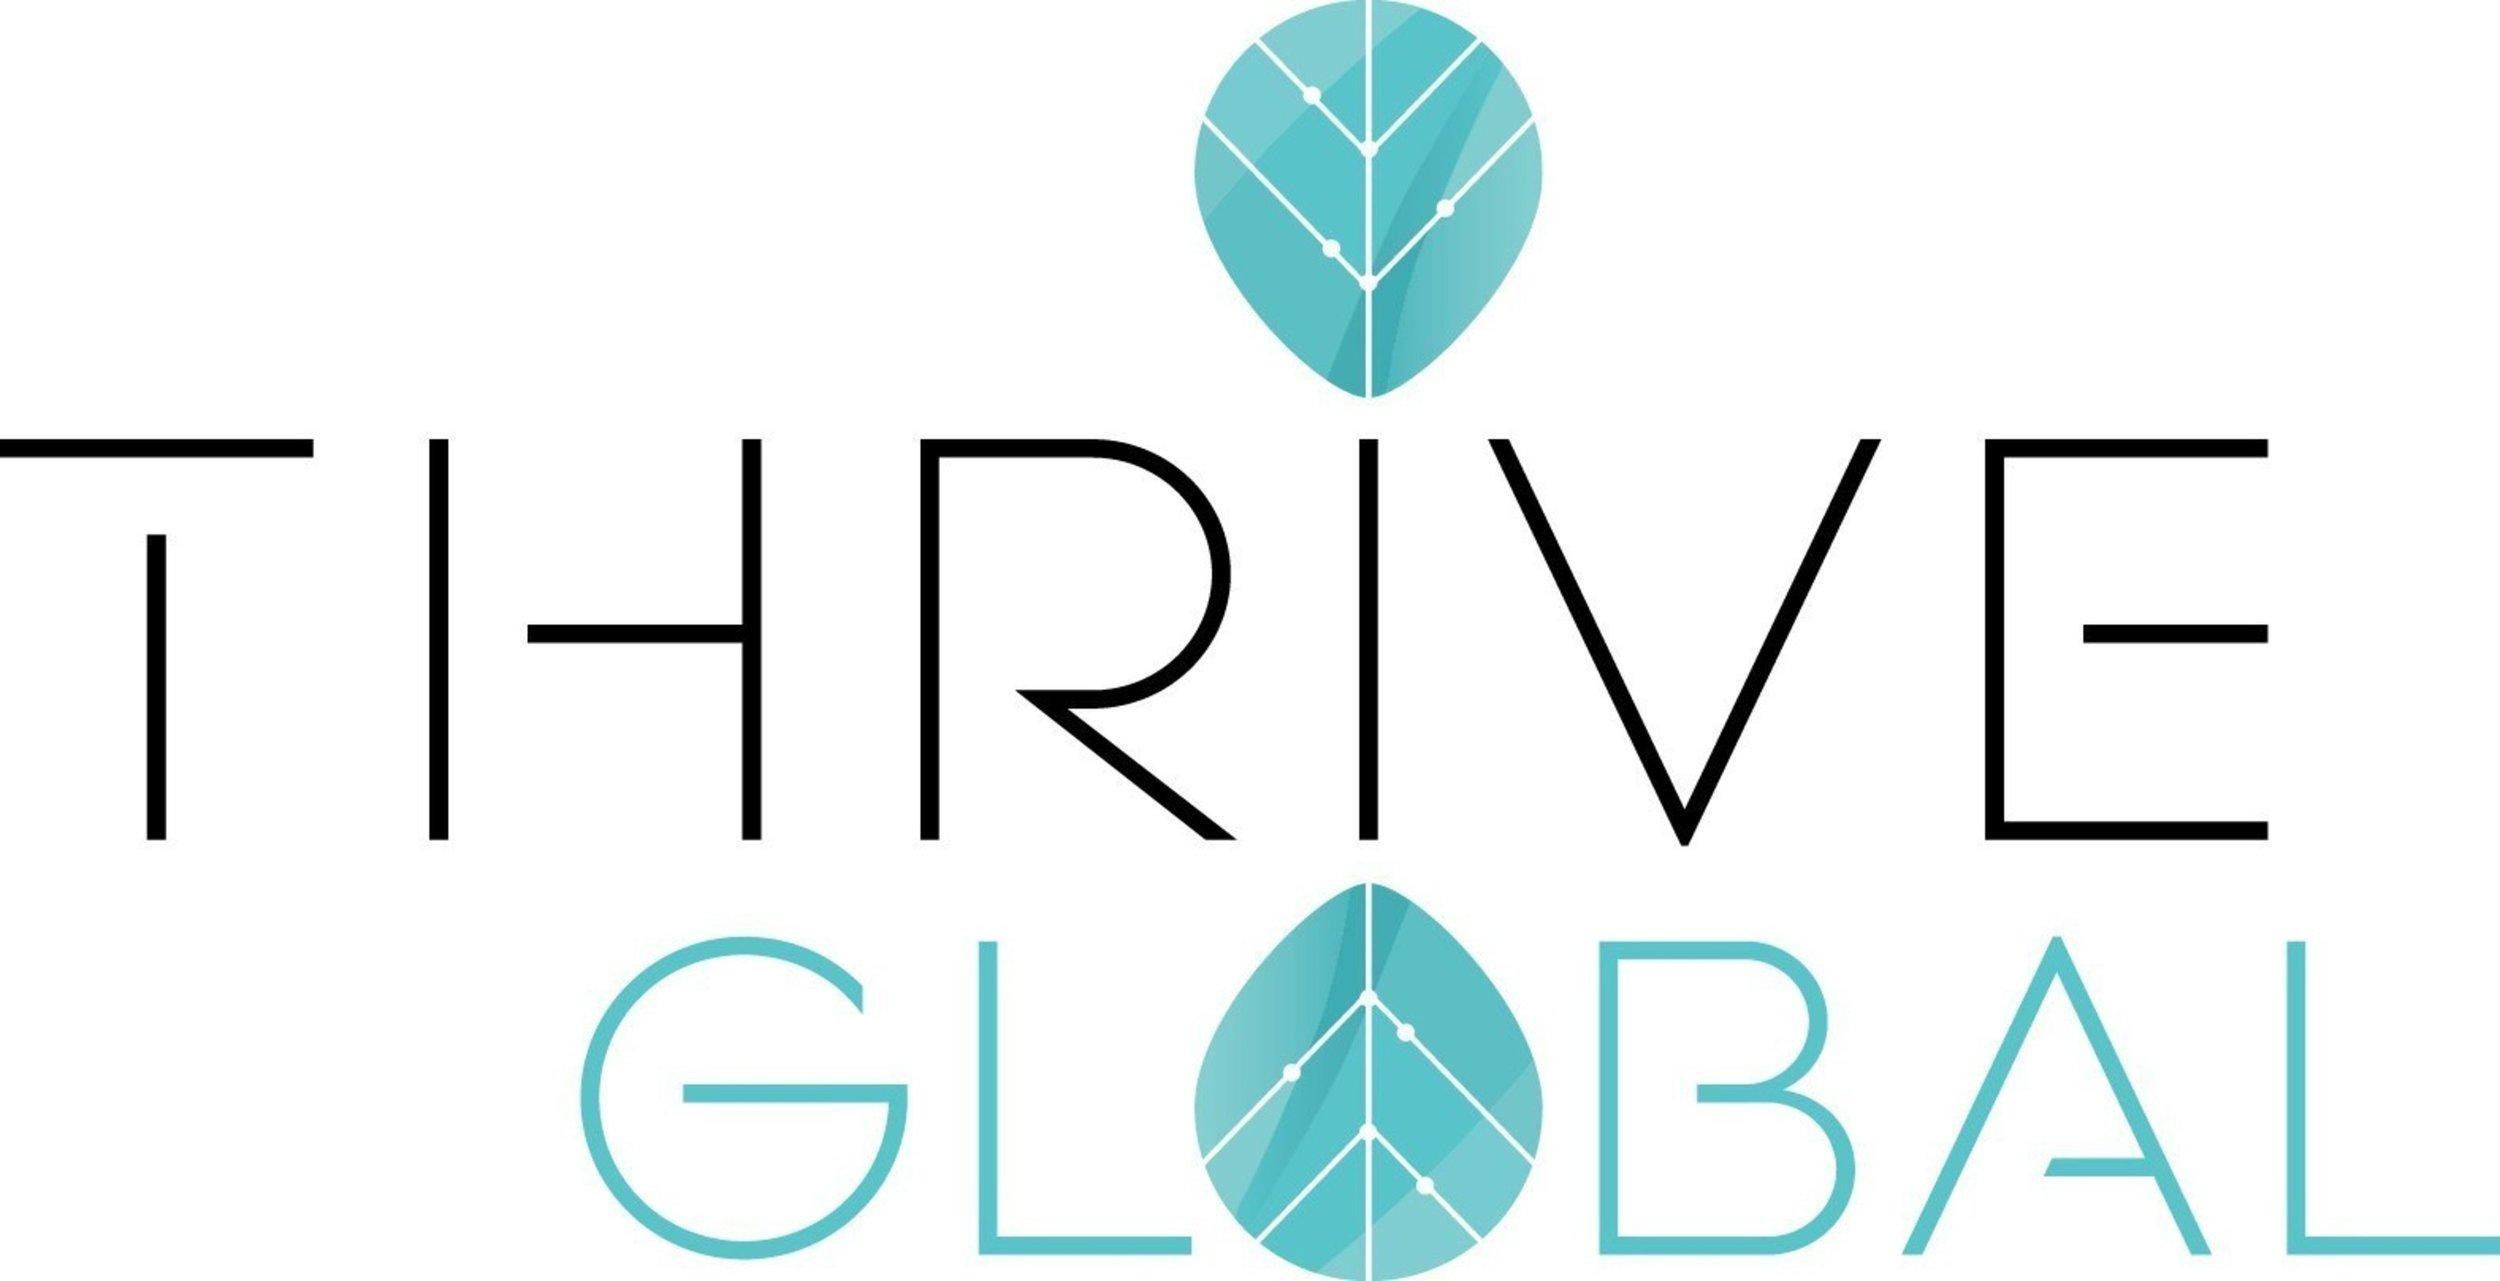 thrive globa.jpg